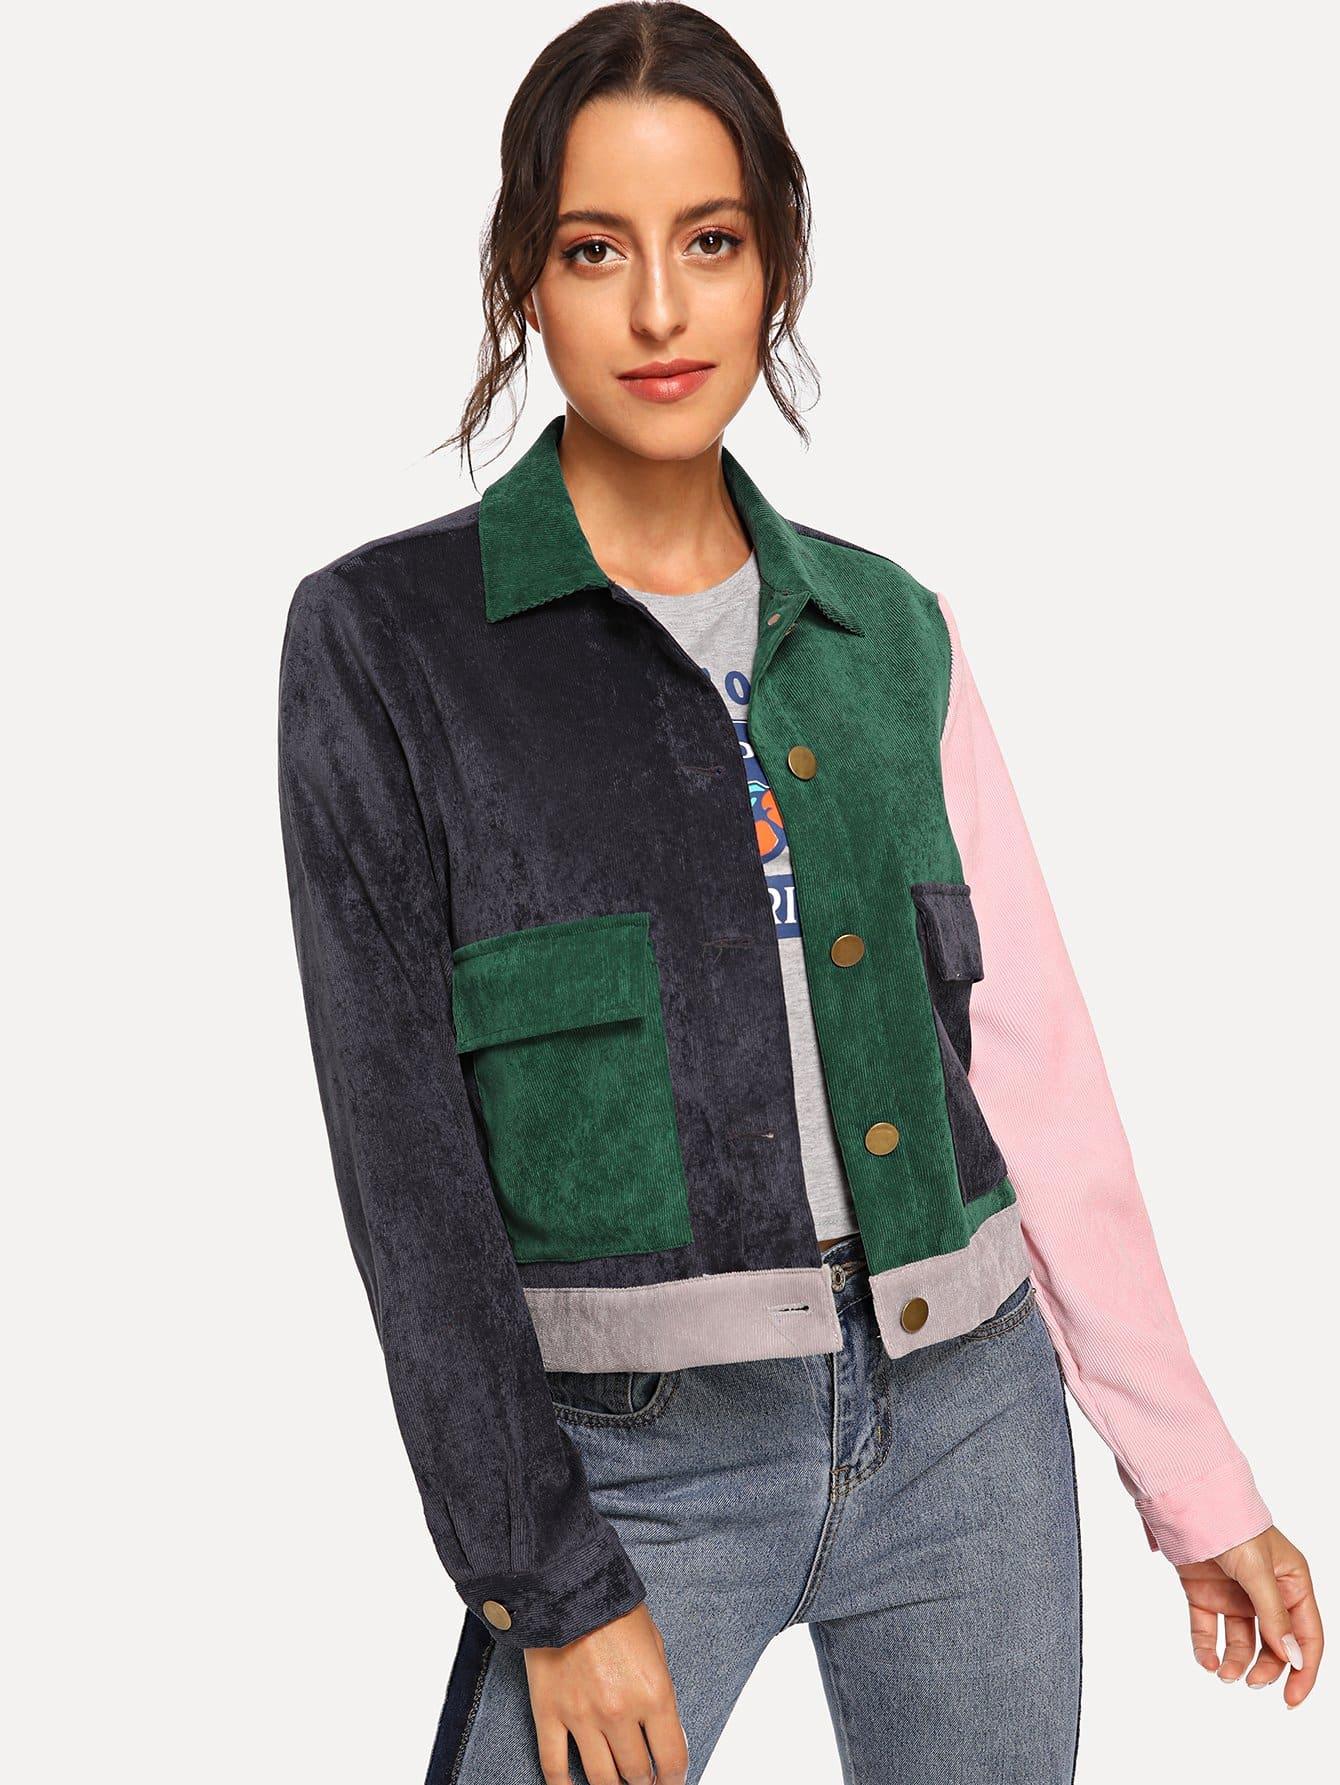 Купить Многоцветный на пуговицах Одноцветный Повседневный Жакеты + Куртки, Mary P., SheIn